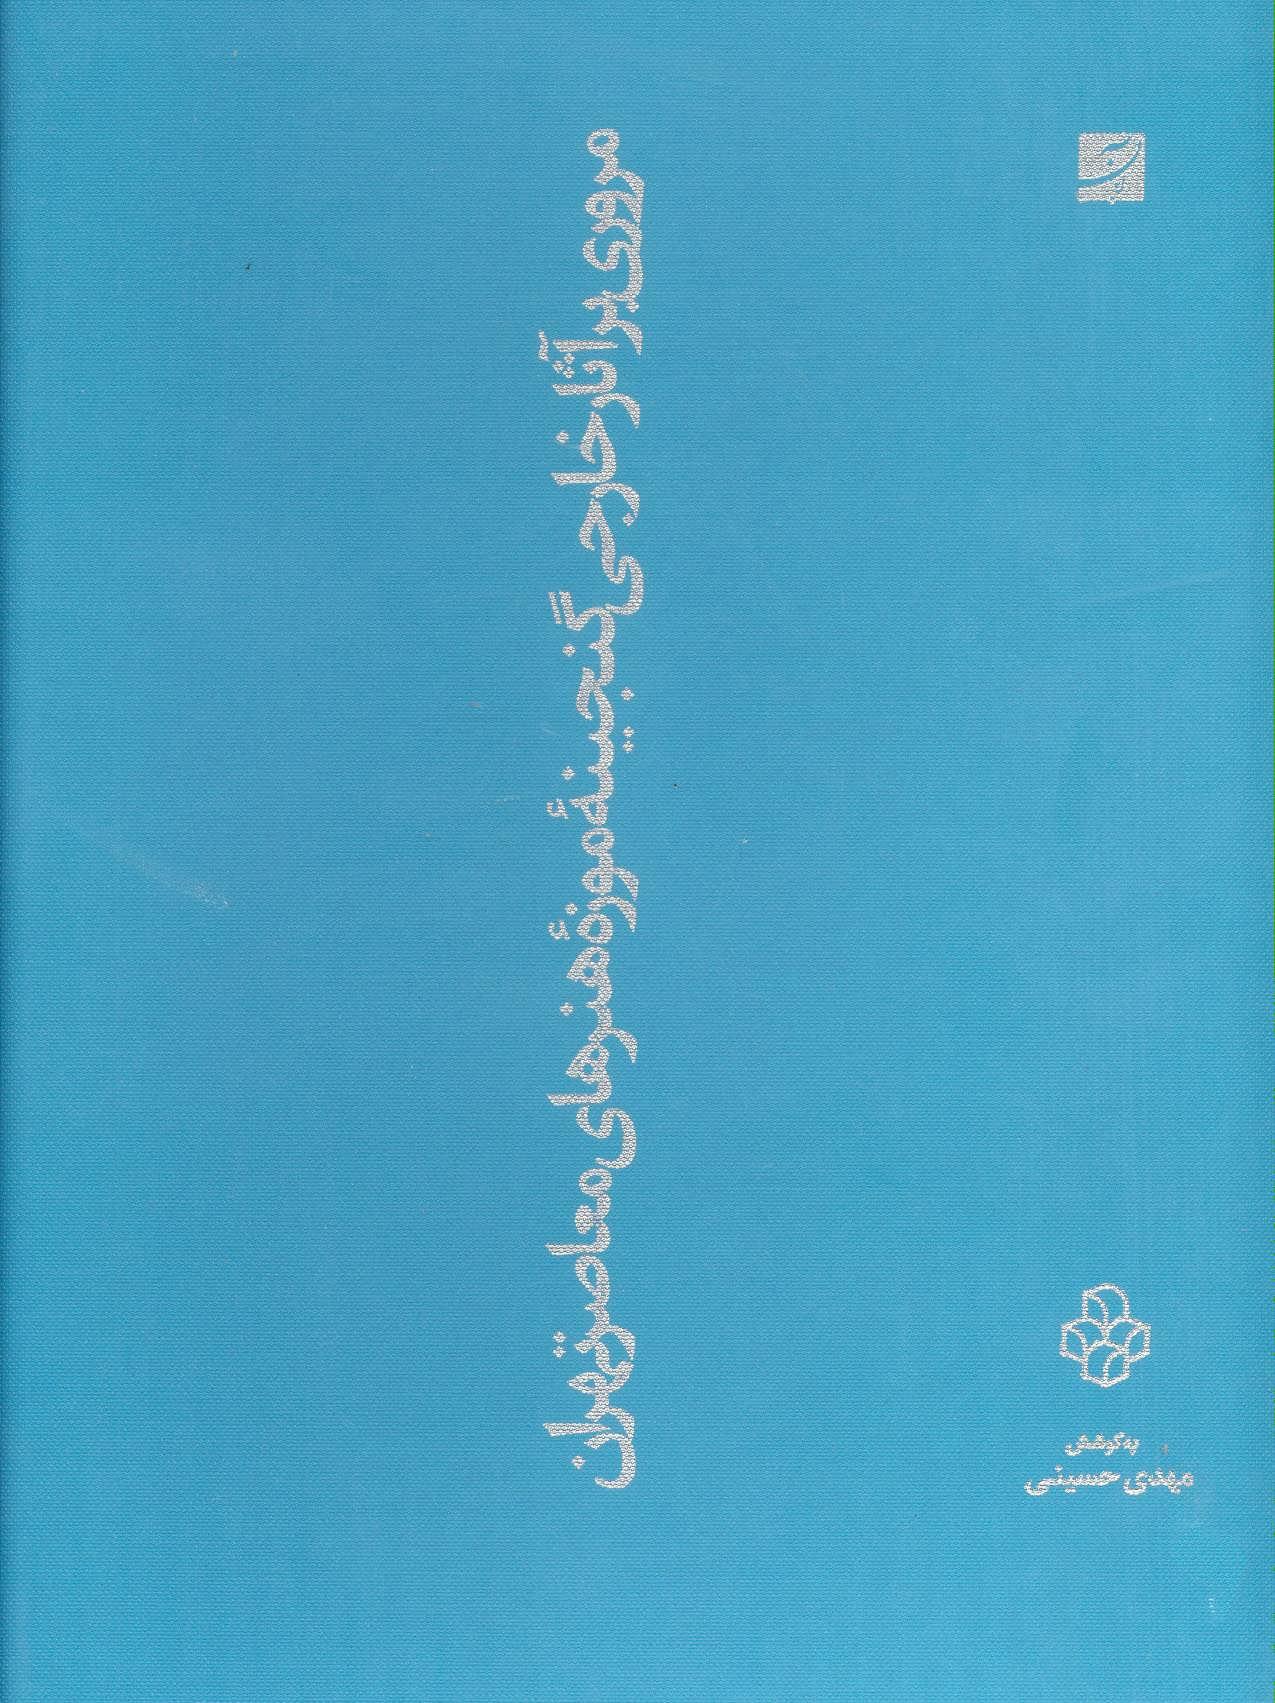 مروری بر آثار خارجی گنجینه موزه هنرهای معاصر تهران (گلاسه،باقاب)